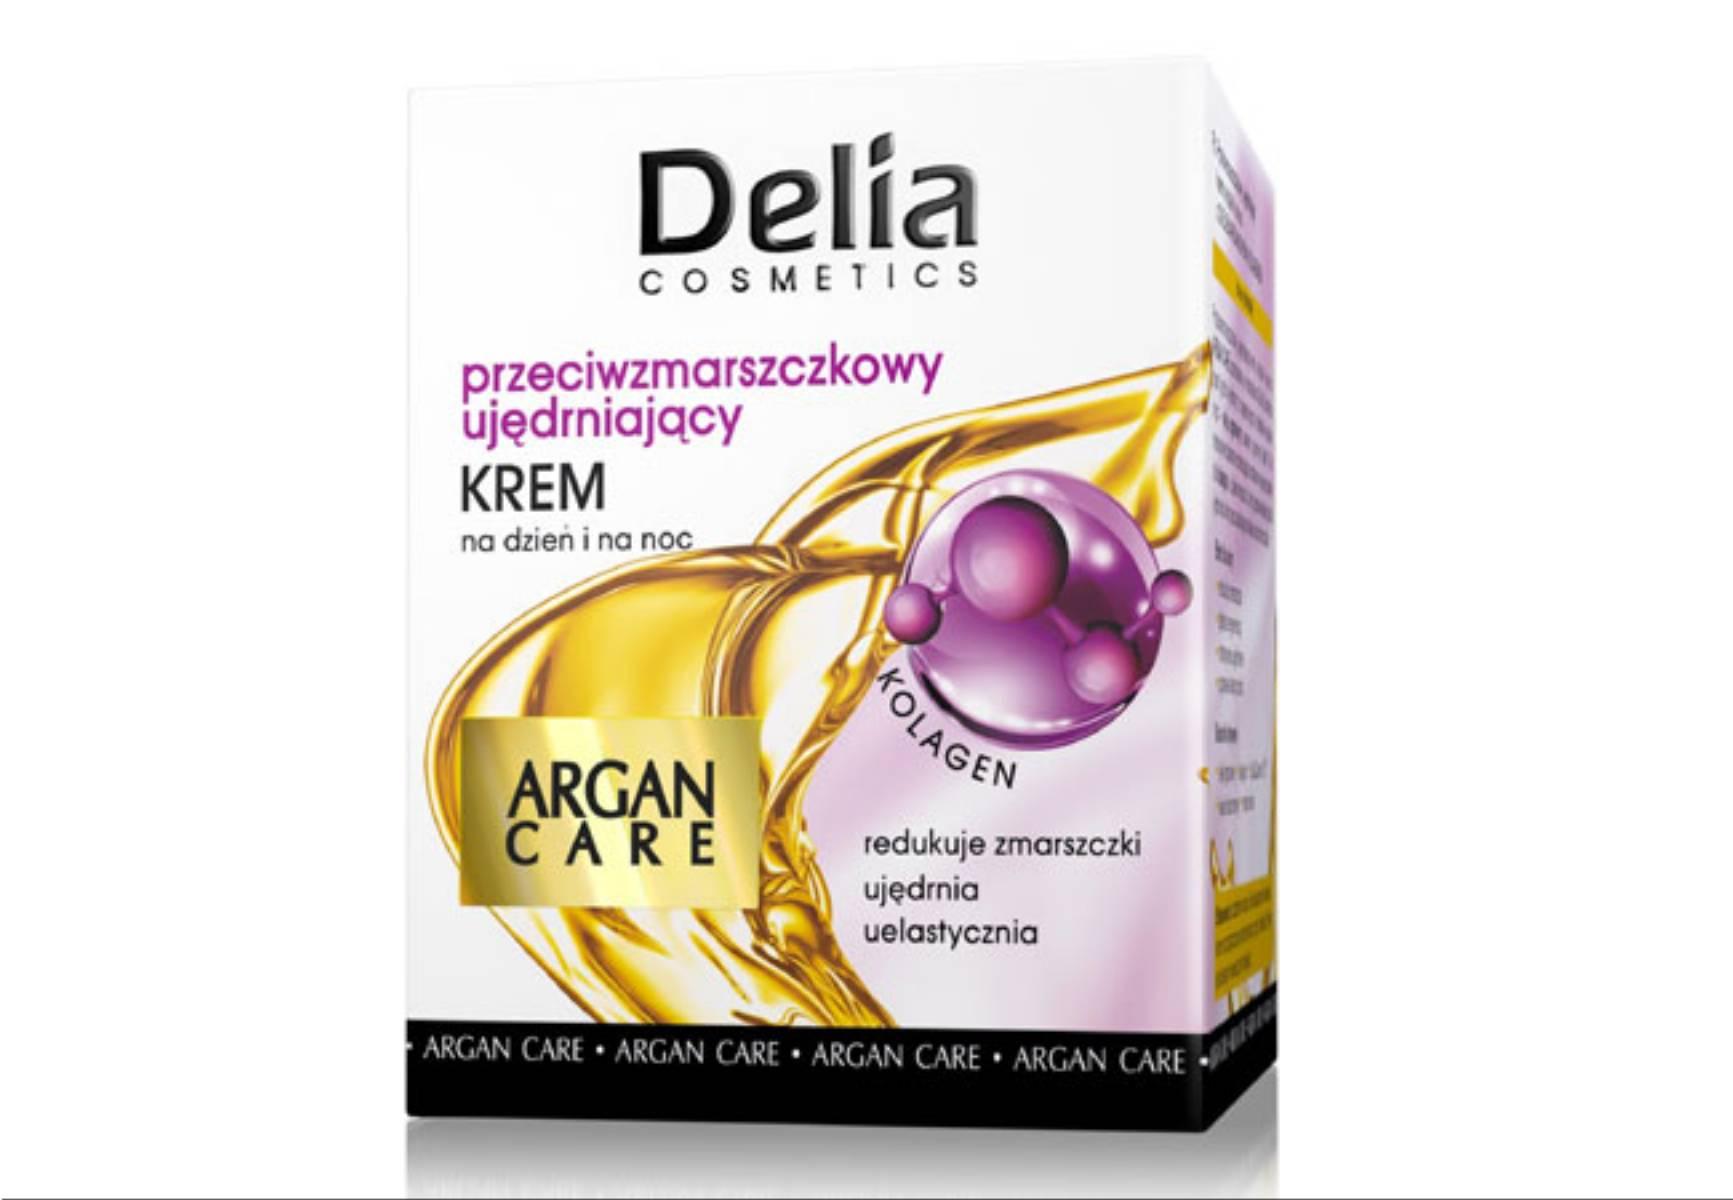 Delia Cosmetics - krem przeciwzmarszczkowy ujedrniajacy Argan Care